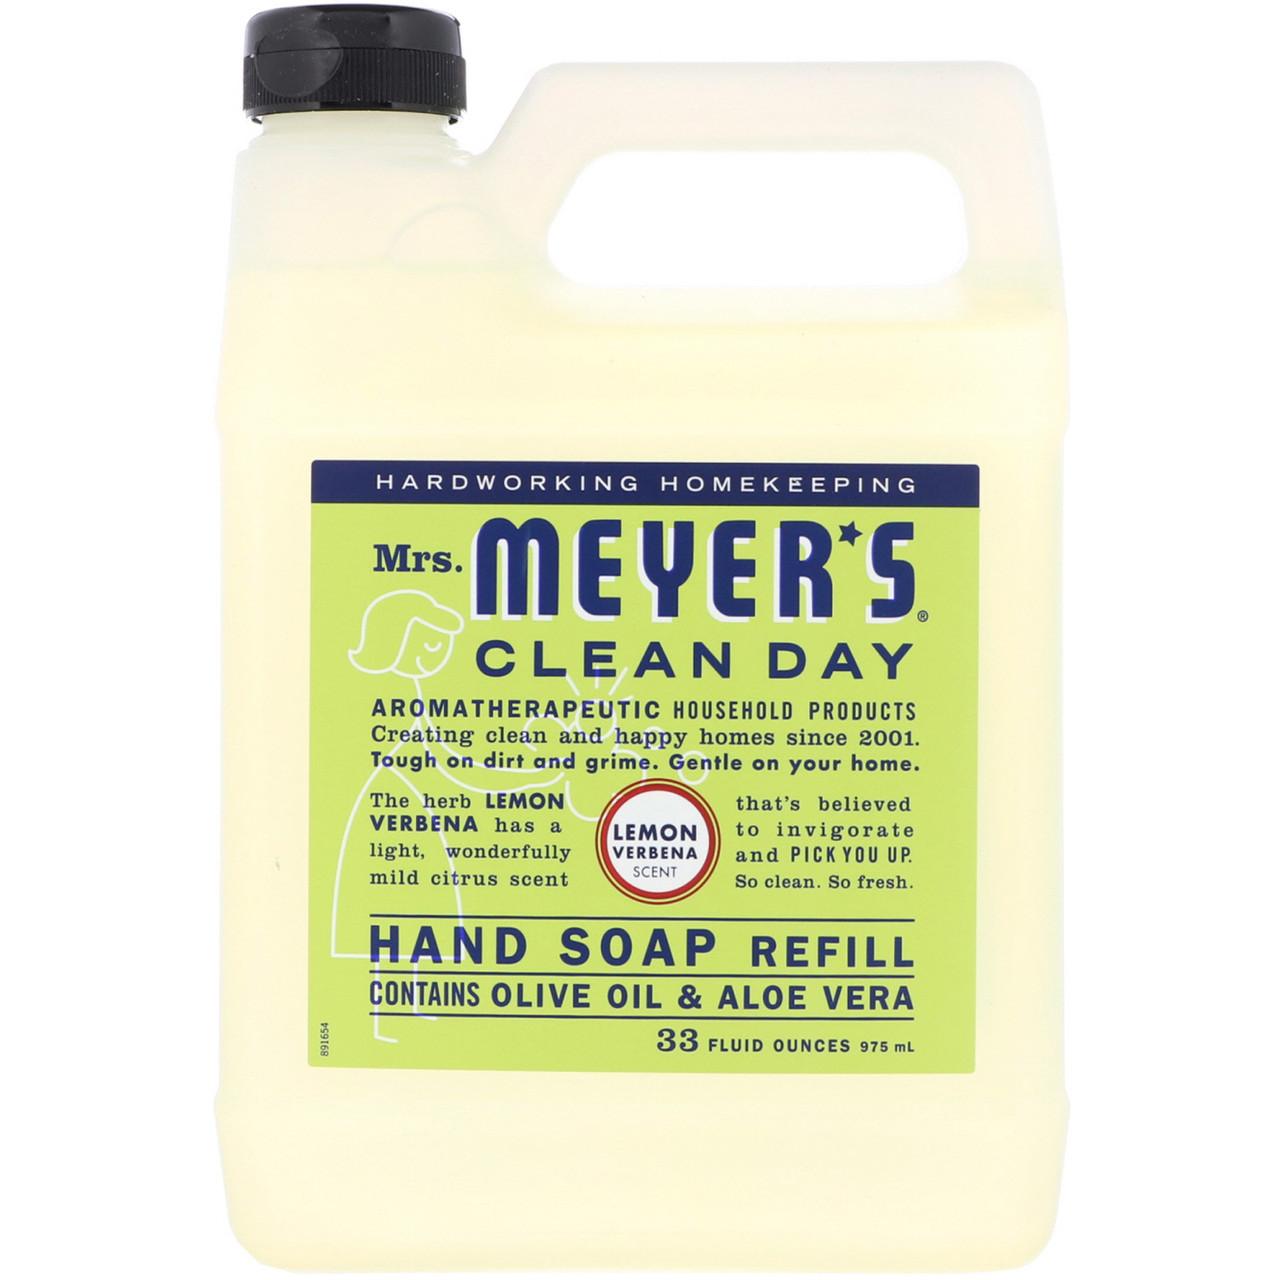 Mrs. Meyers Clean Day, Жидкое мыло для рук, аромат вербены лимонной, 33 жидких унции (975 мл)